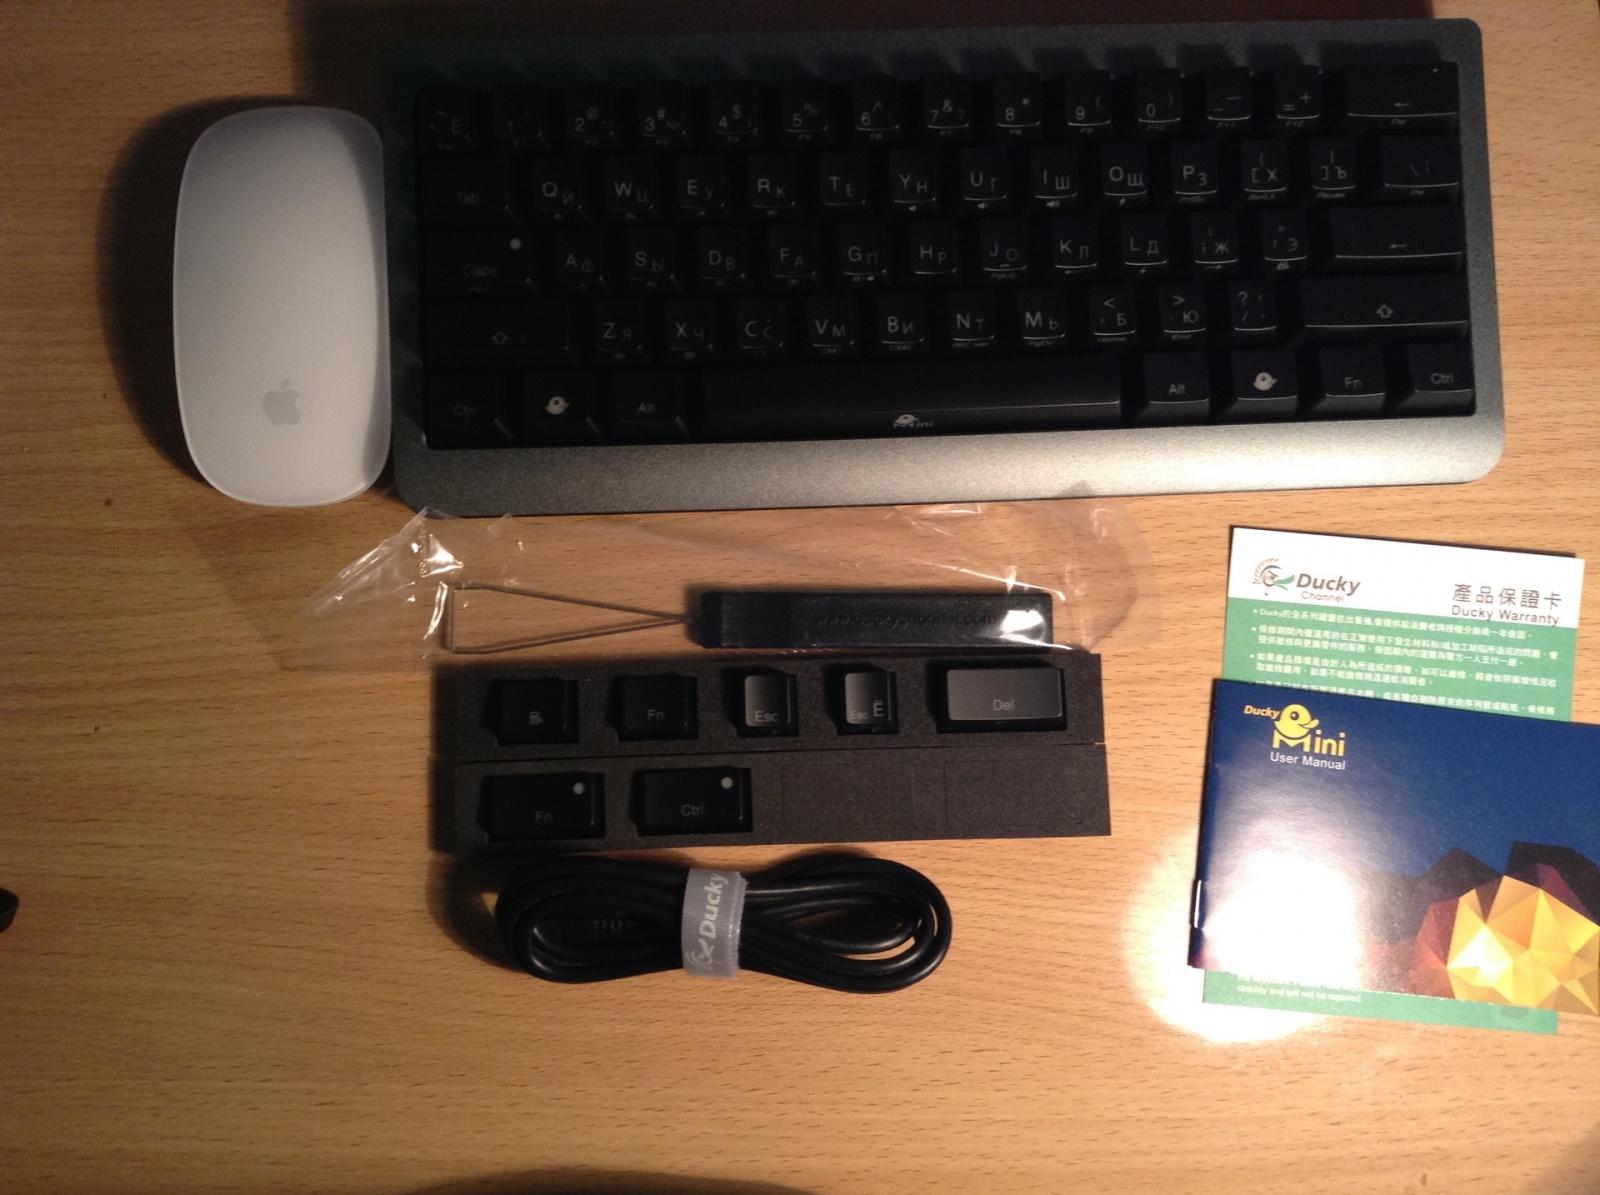 Обзор мини-клавиатуры Ducky Mini - 4